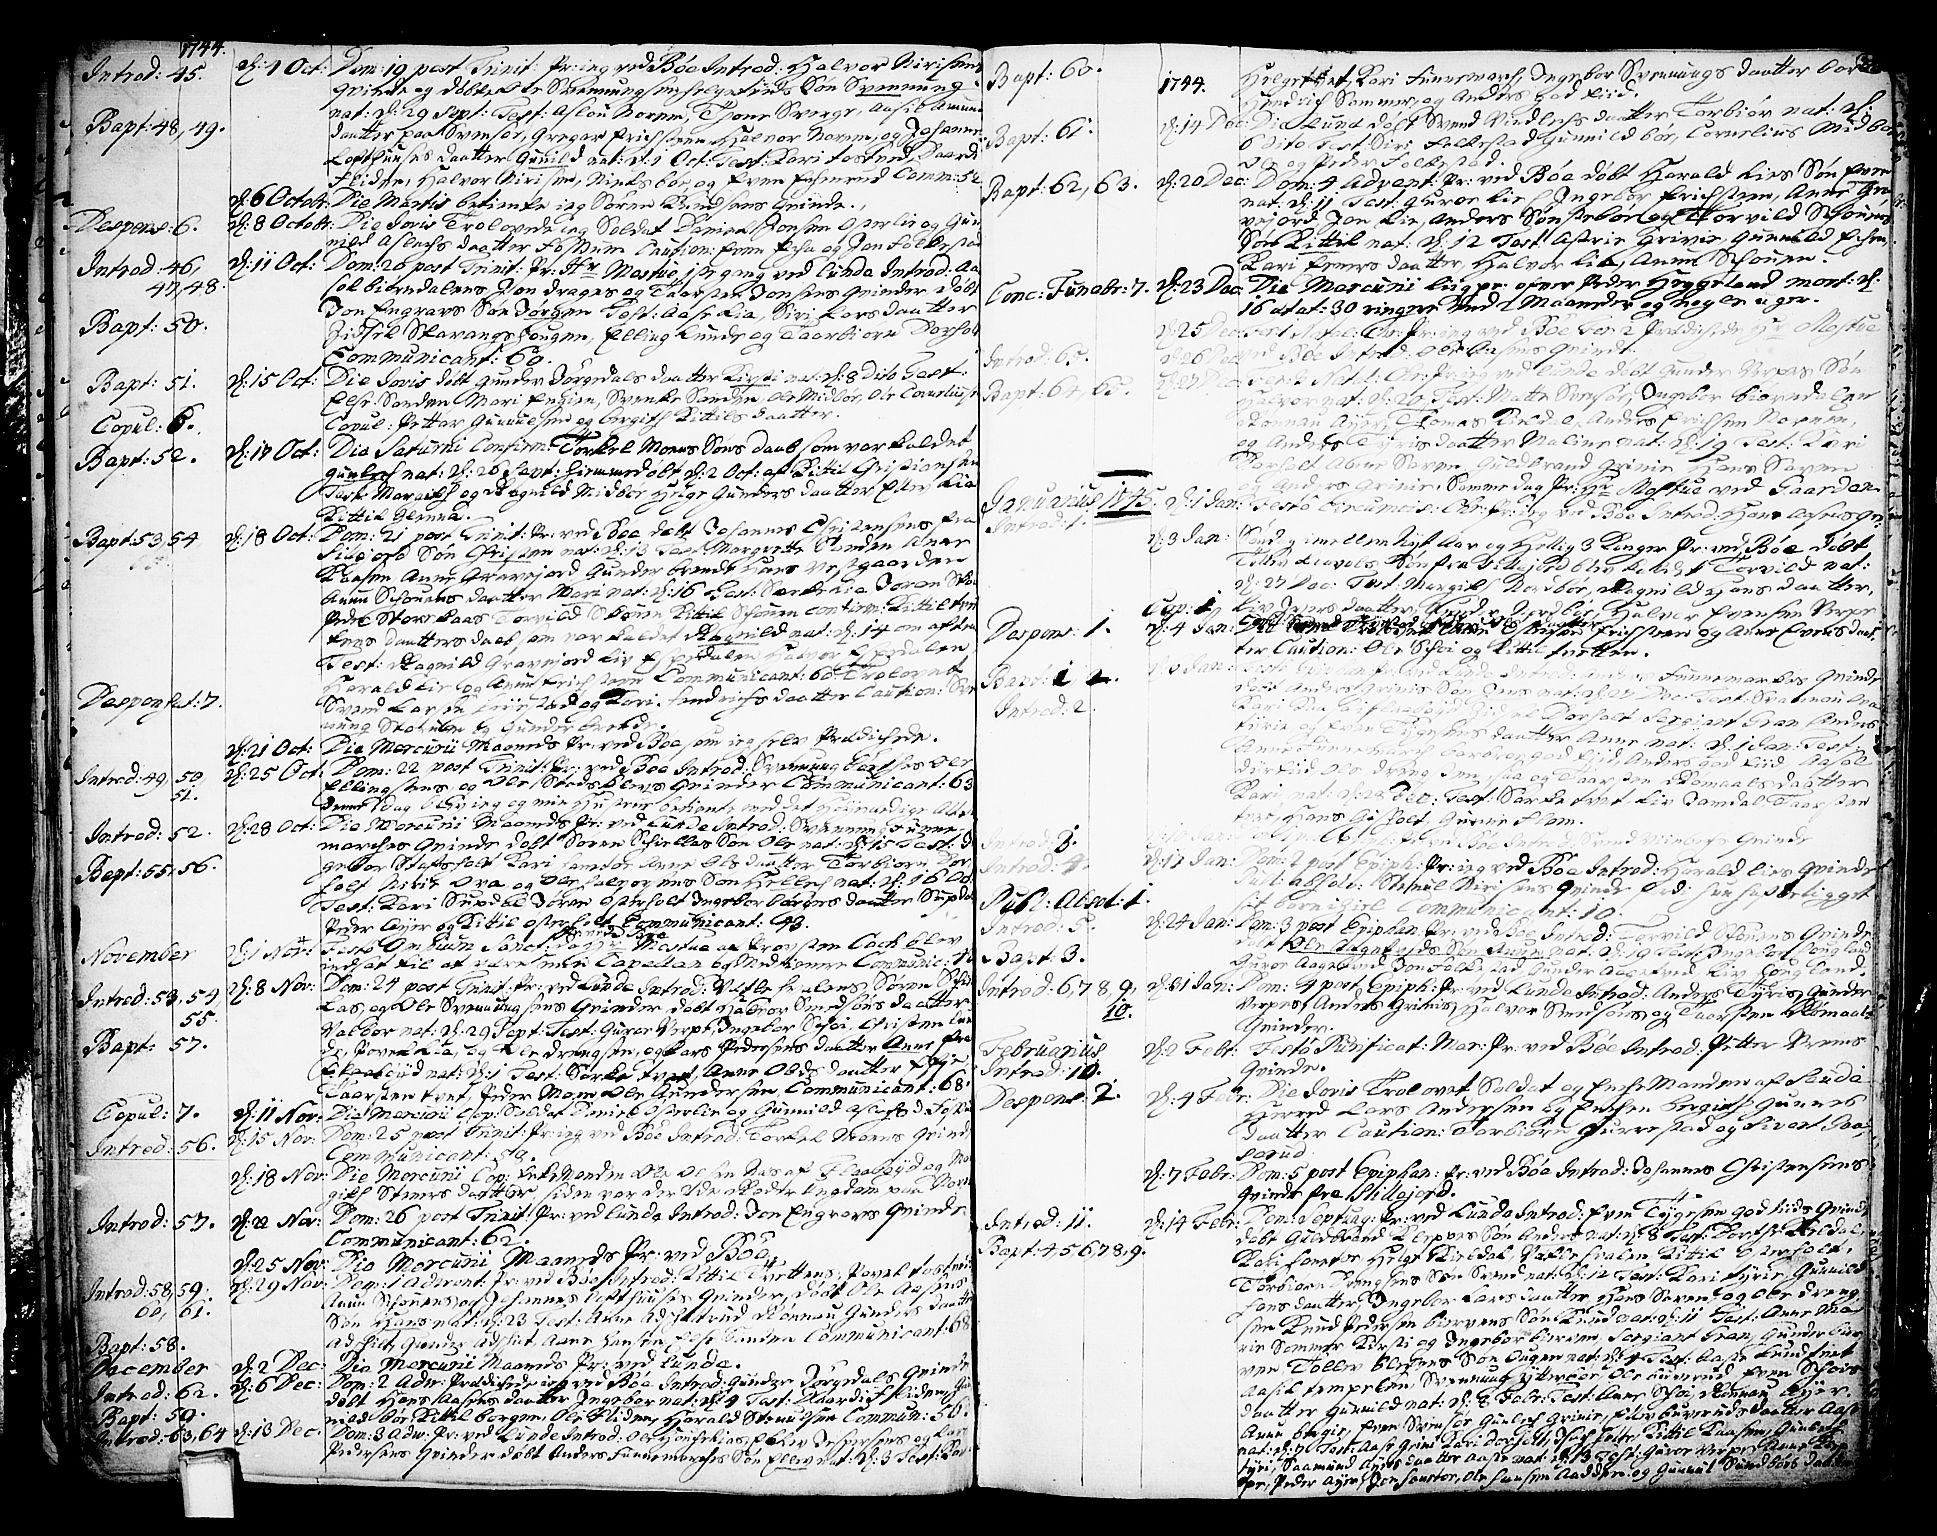 SAKO, Bø kirkebøker, F/Fa/L0003: Ministerialbok nr. 3, 1733-1748, s. 30